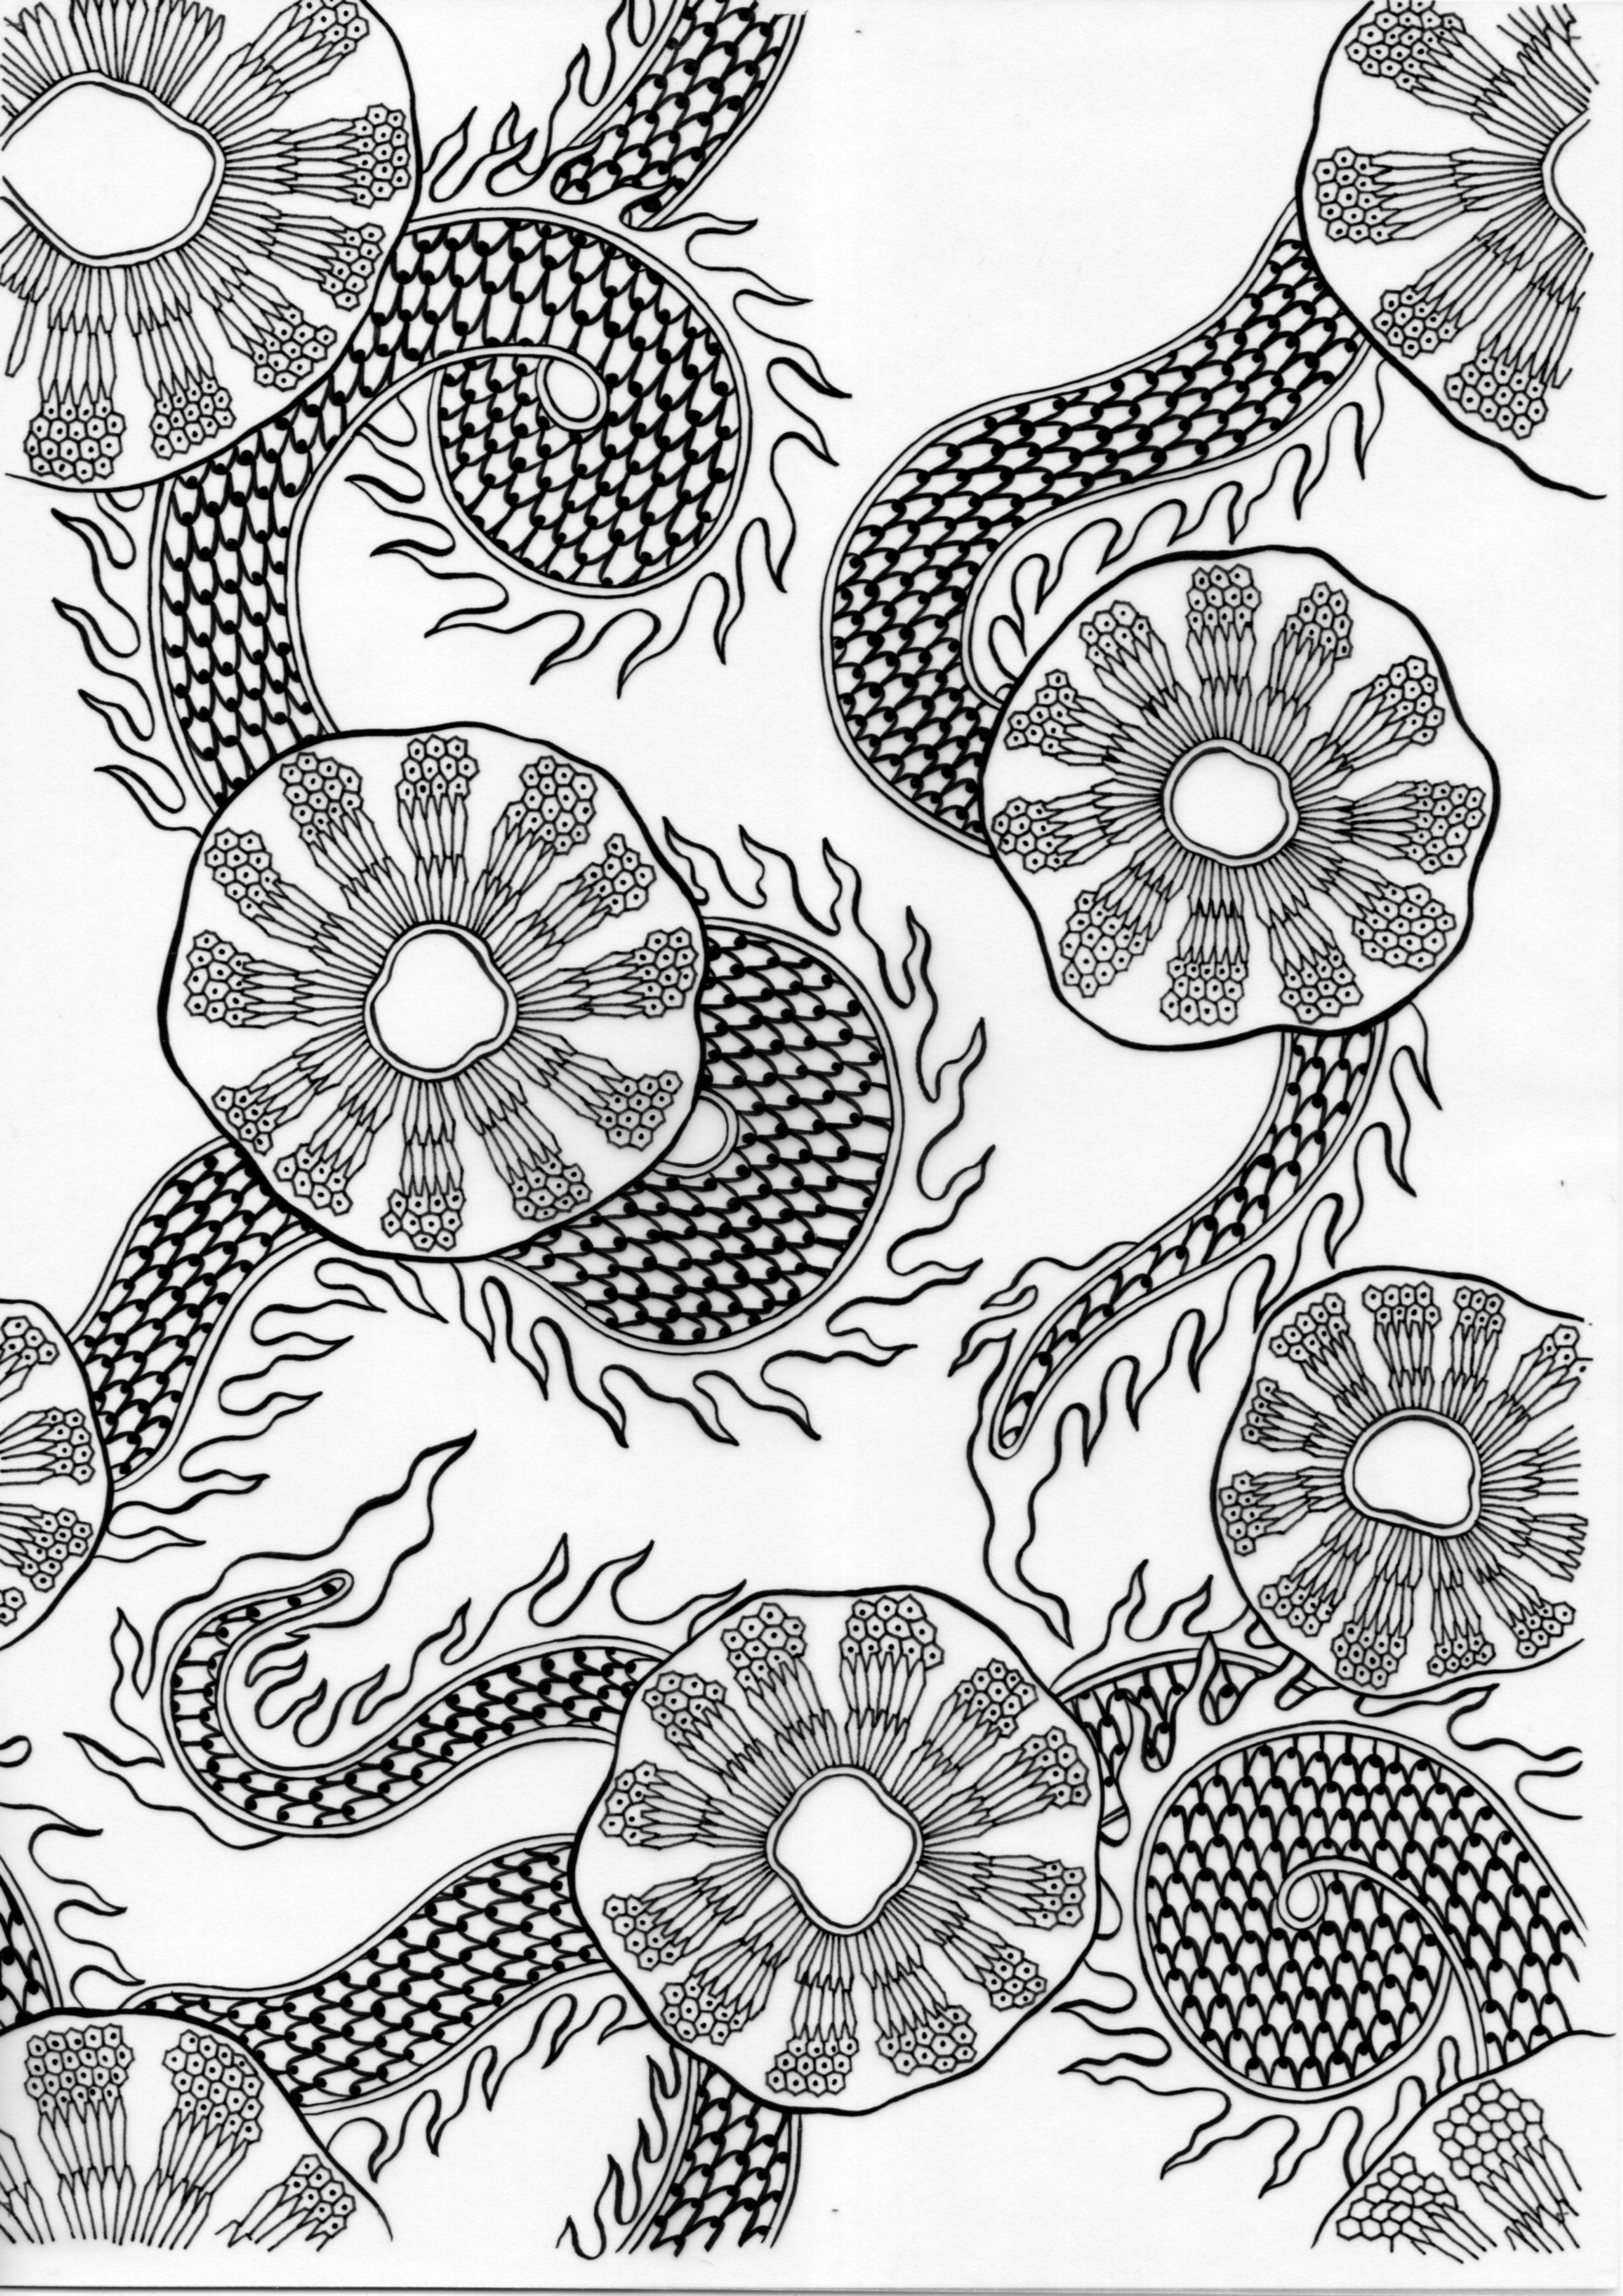 Screwpine – Inked Drawings